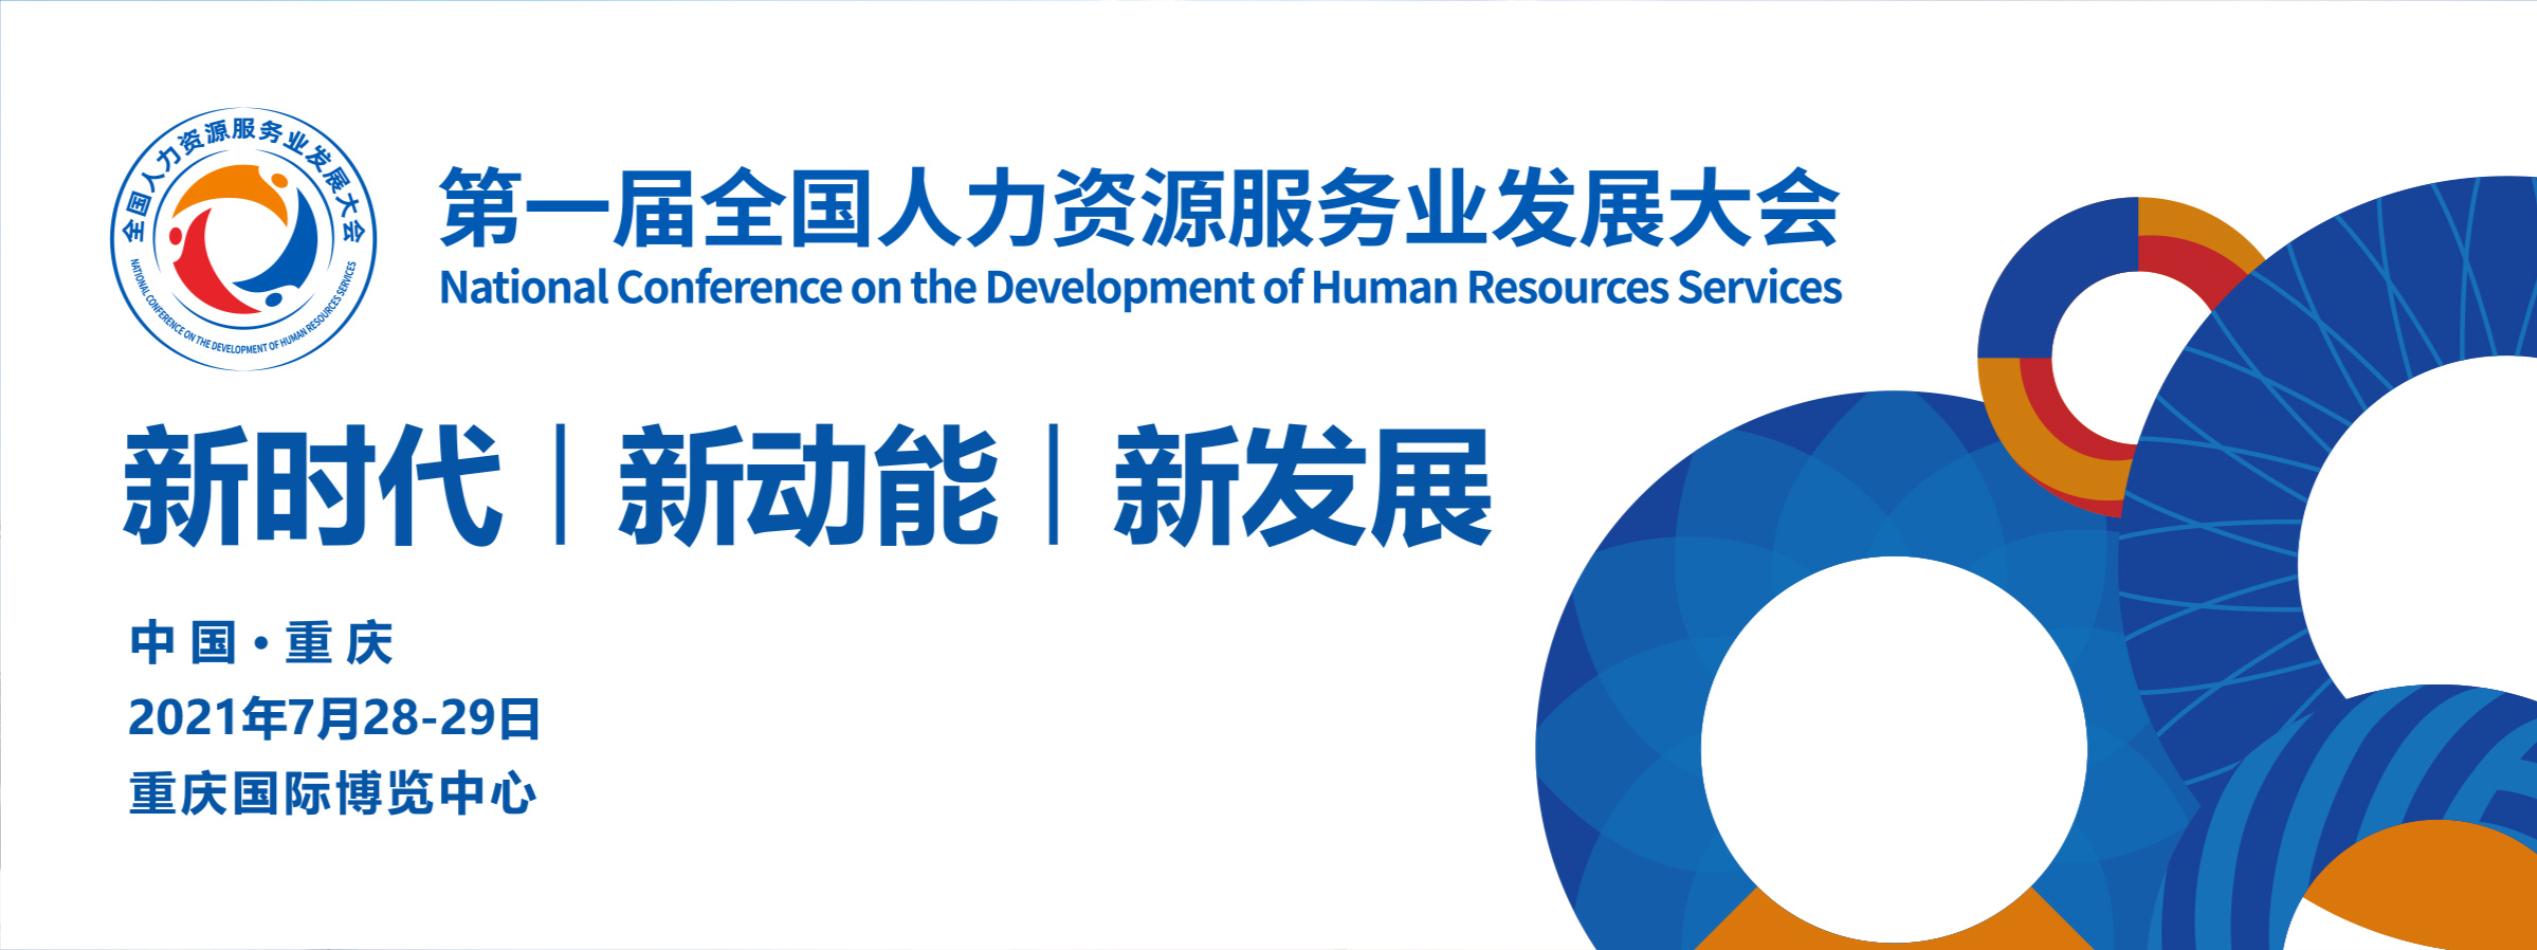 燚博云应邀参加第一届全国人力资源服务业发展大会,用数据驱动人效提升